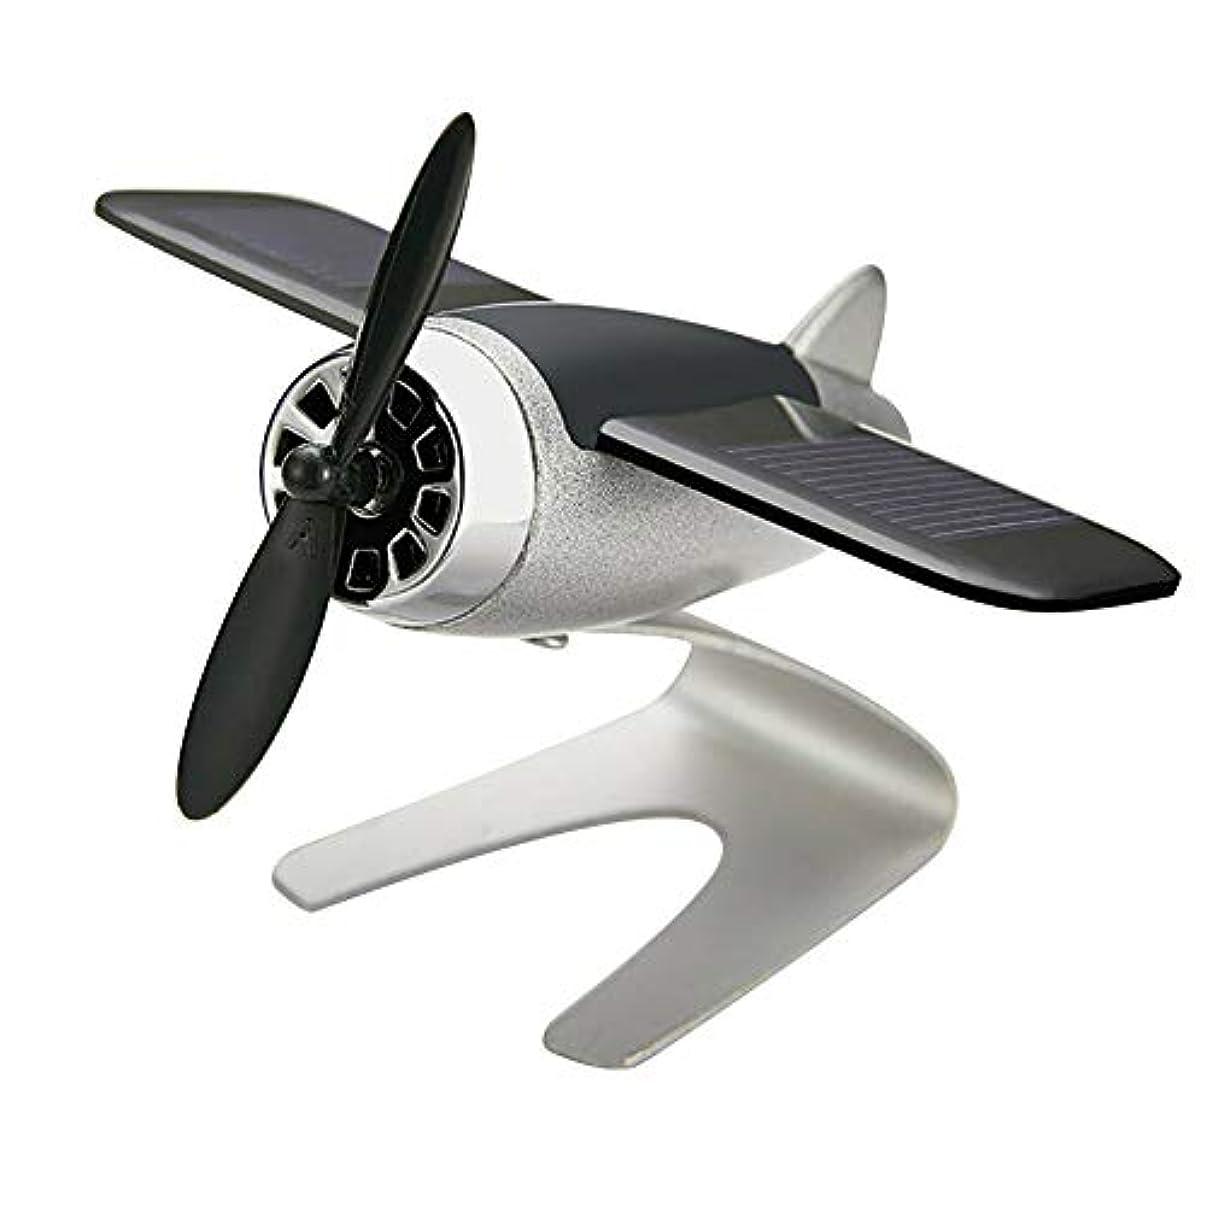 擬人エンディング定義するSymboat 車の芳香剤飛行機航空機モデル太陽エネルギーアロマテラピー室内装飾